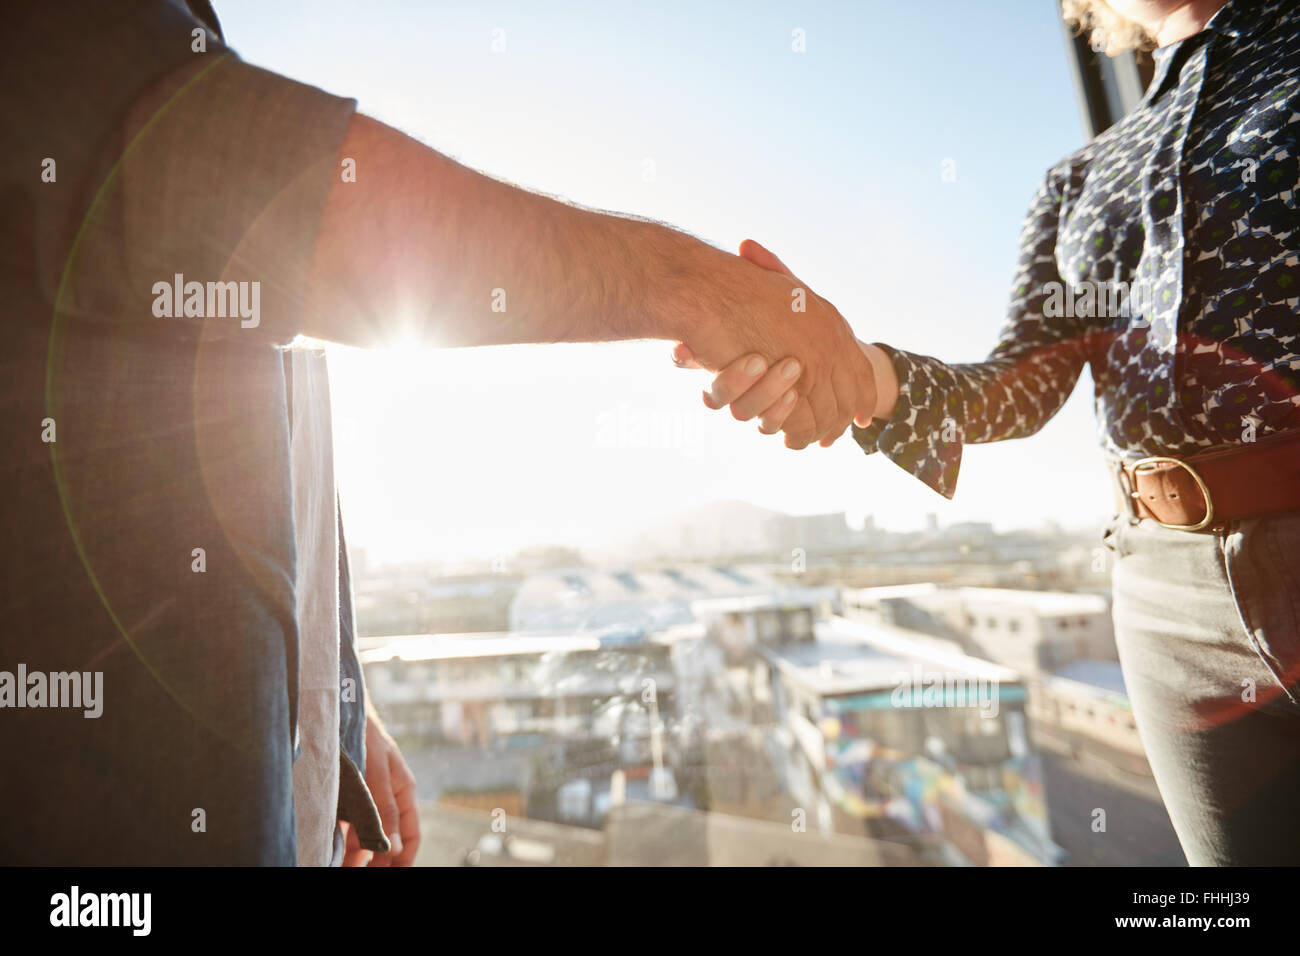 Apretón de manos de dos asociados con la luz del sol. Ejecutivo macho agitando su mano con la colega, se centran Imagen De Stock